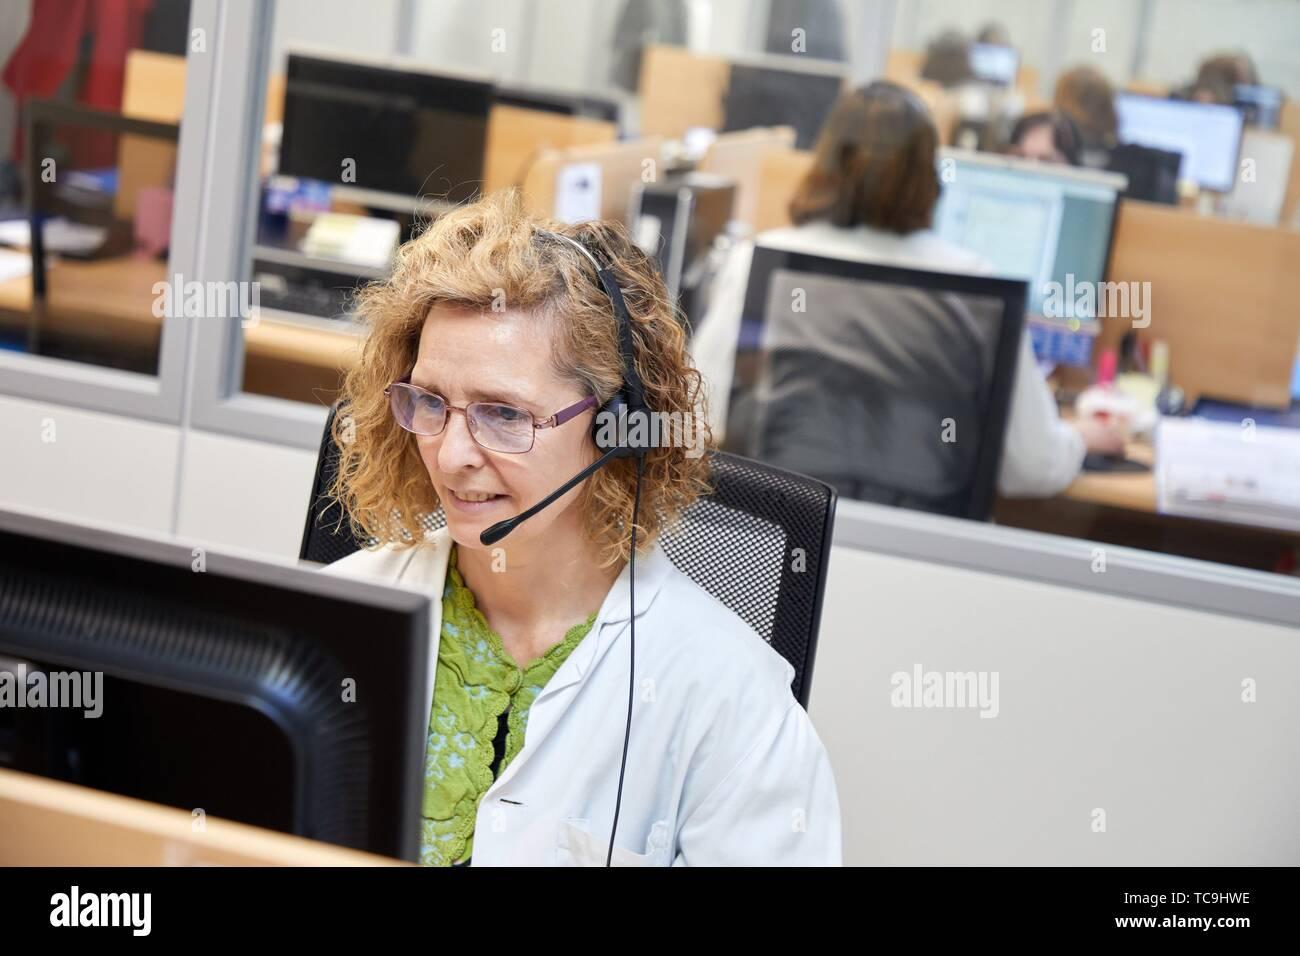 Telephonist,ICC, Integrated Call Center, CIAT, Centro Integrado de Atención Telefónica, Hospital Donostia, San Sebastian, Gipuzkoa, Basque Country, - Stock Image